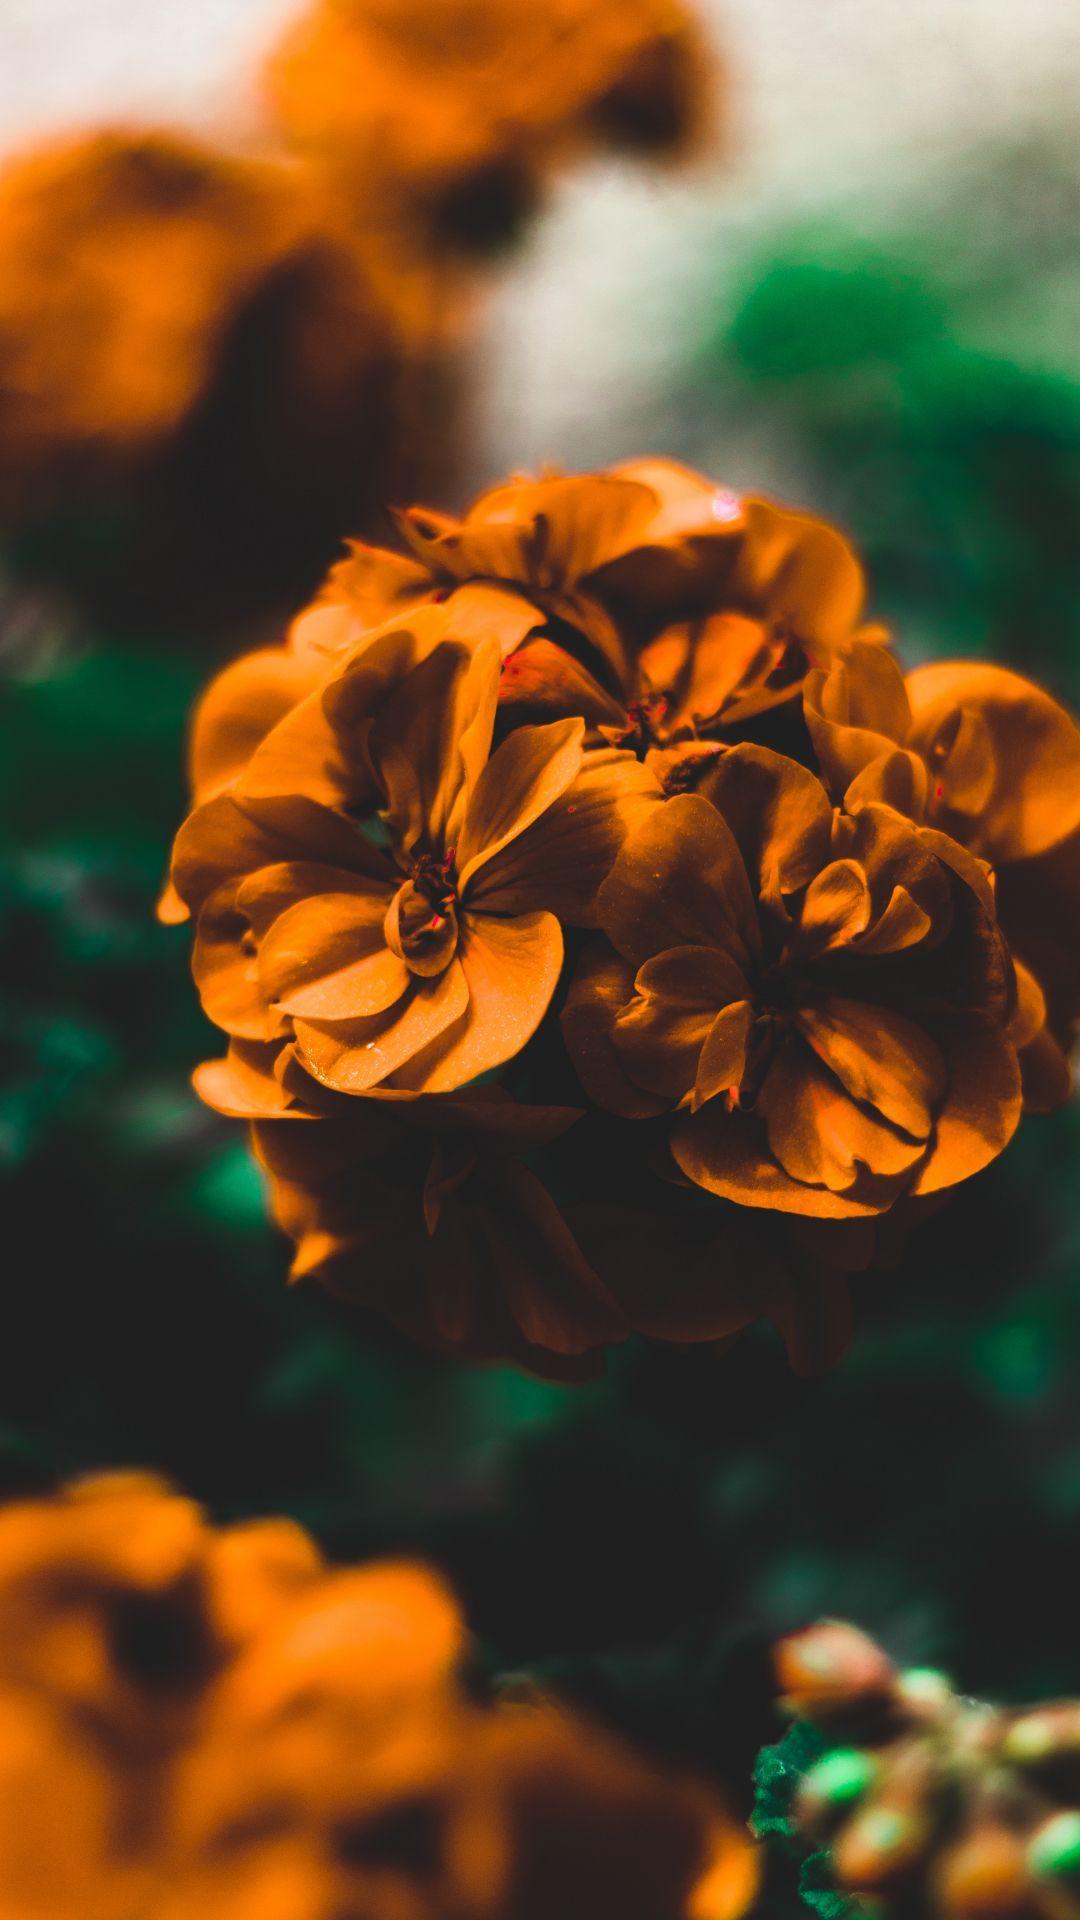 خلفيات ورود جميلة جدا Flower Iphone Wallpaper Wallpaper Iphone Wallpaper